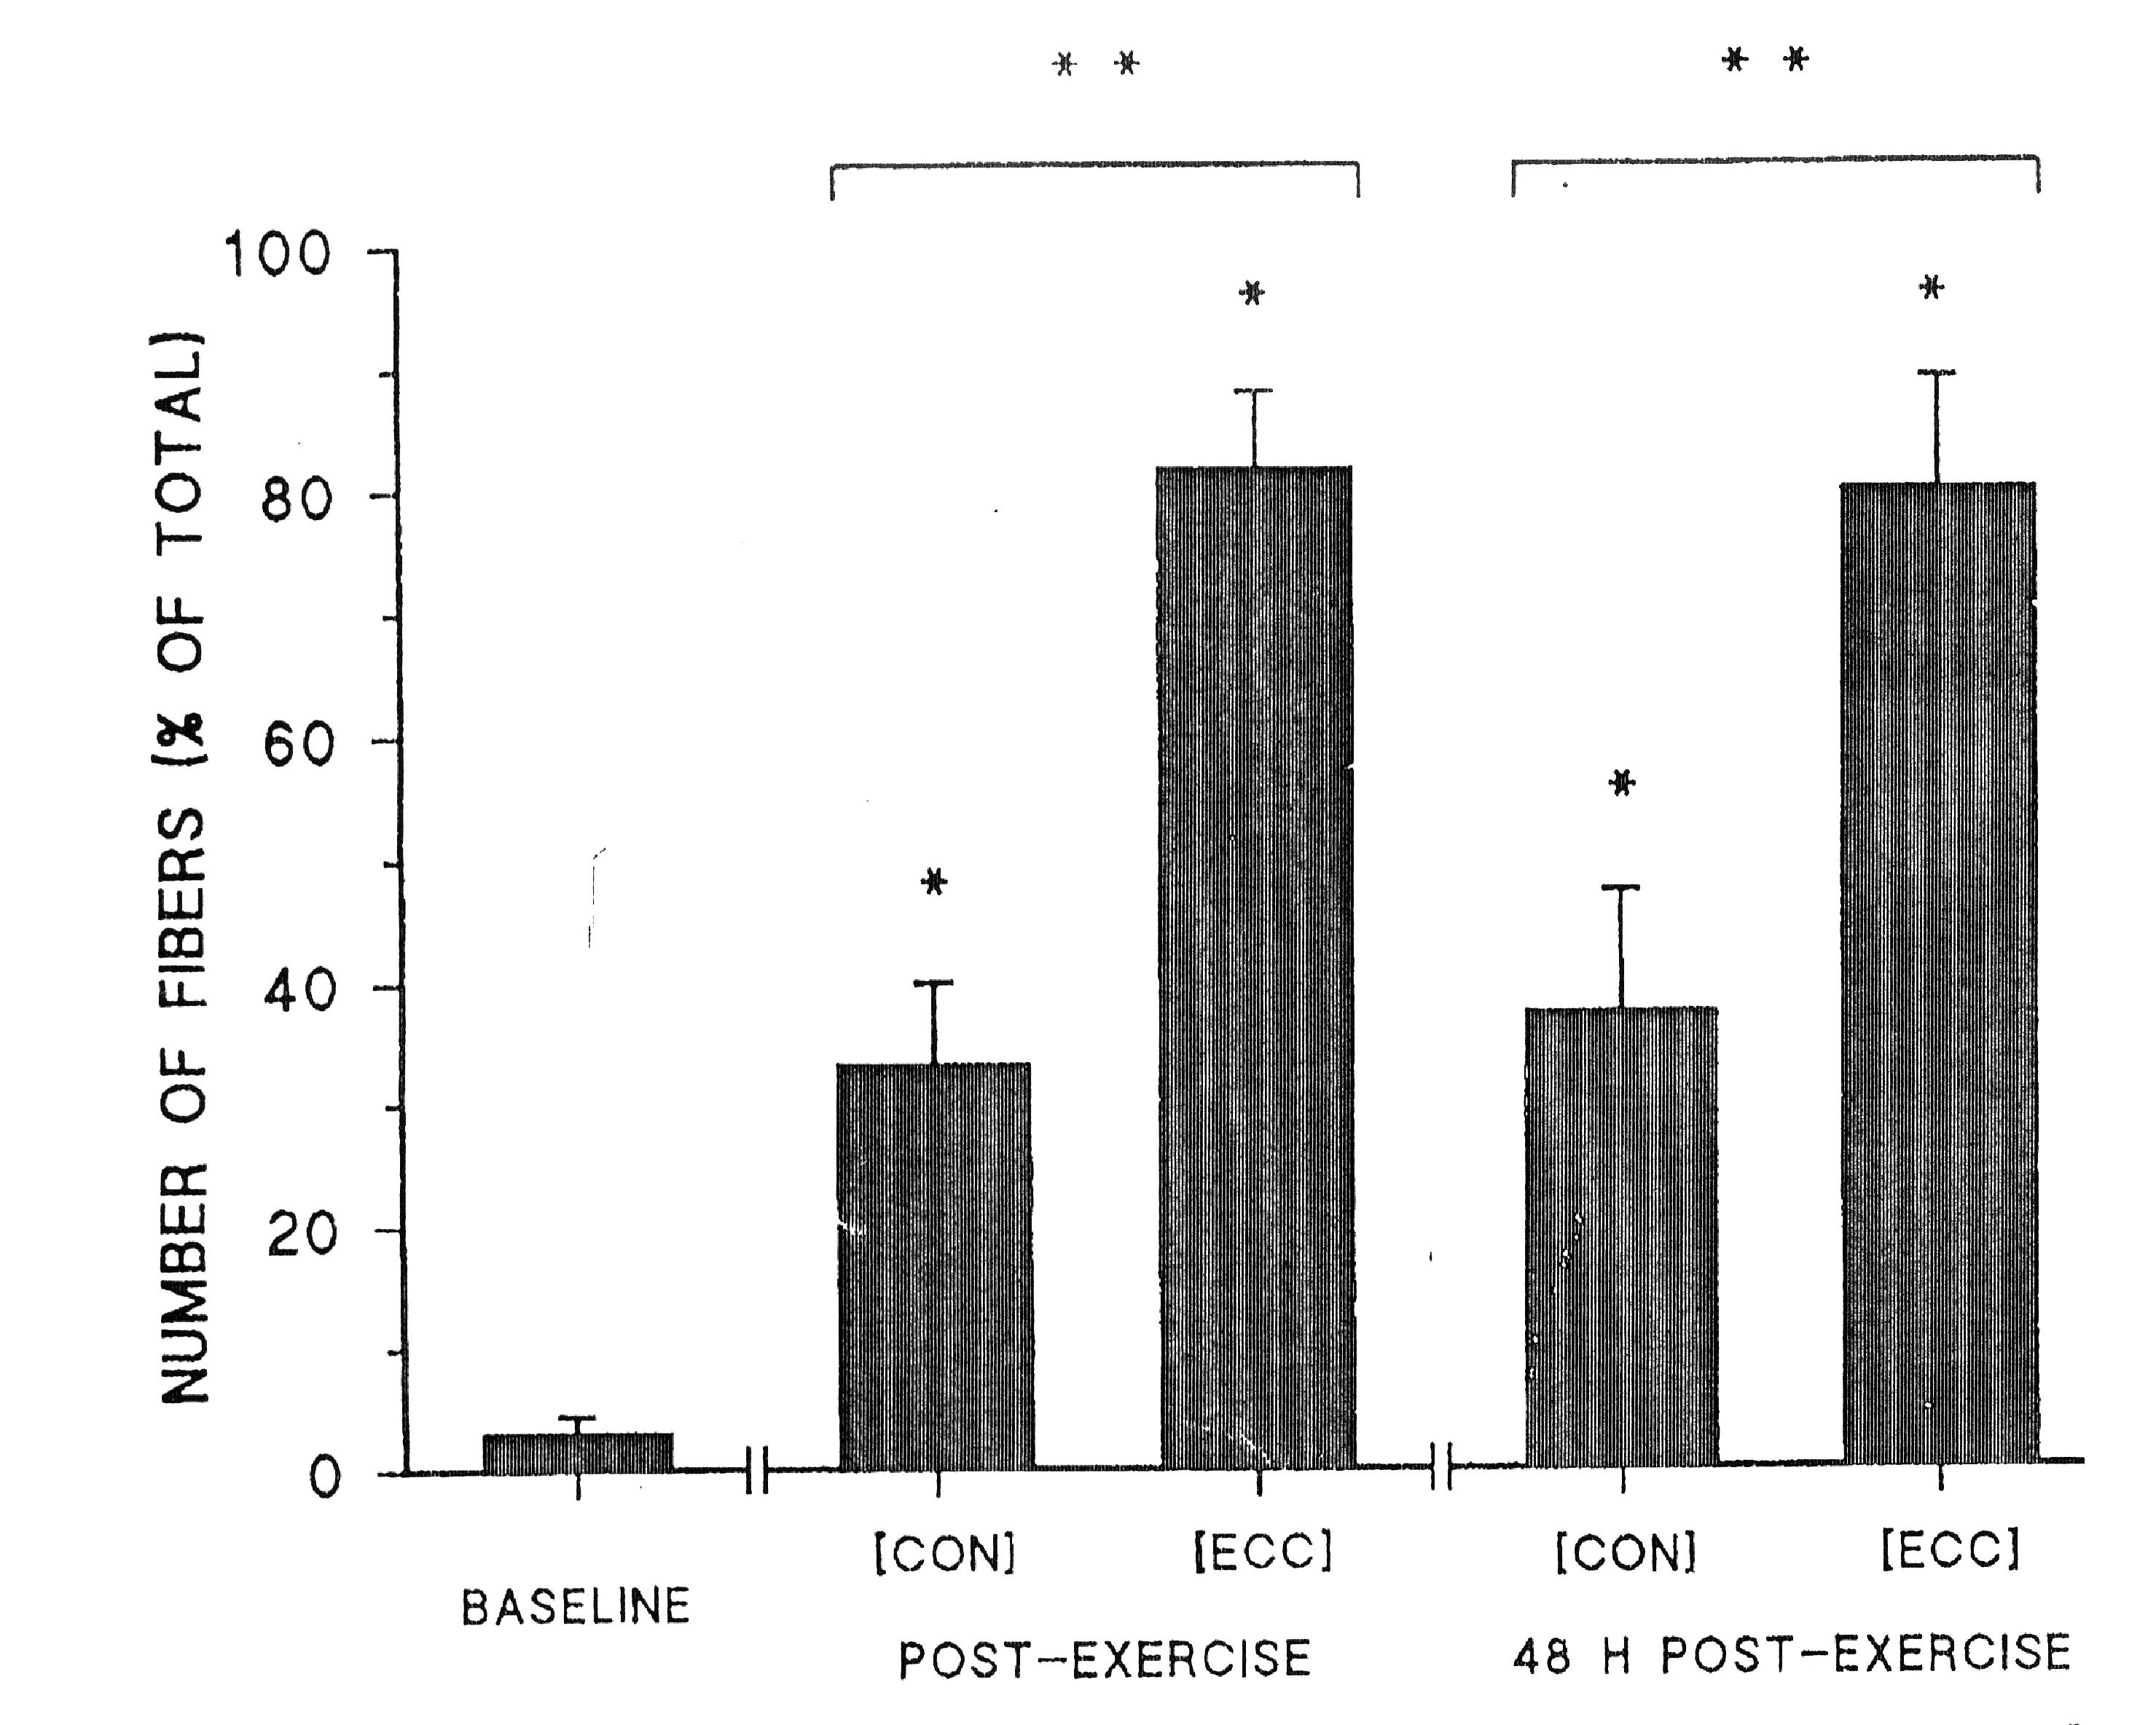 Изменения в микроструктуре и силе мышц человека после силовой тренировки